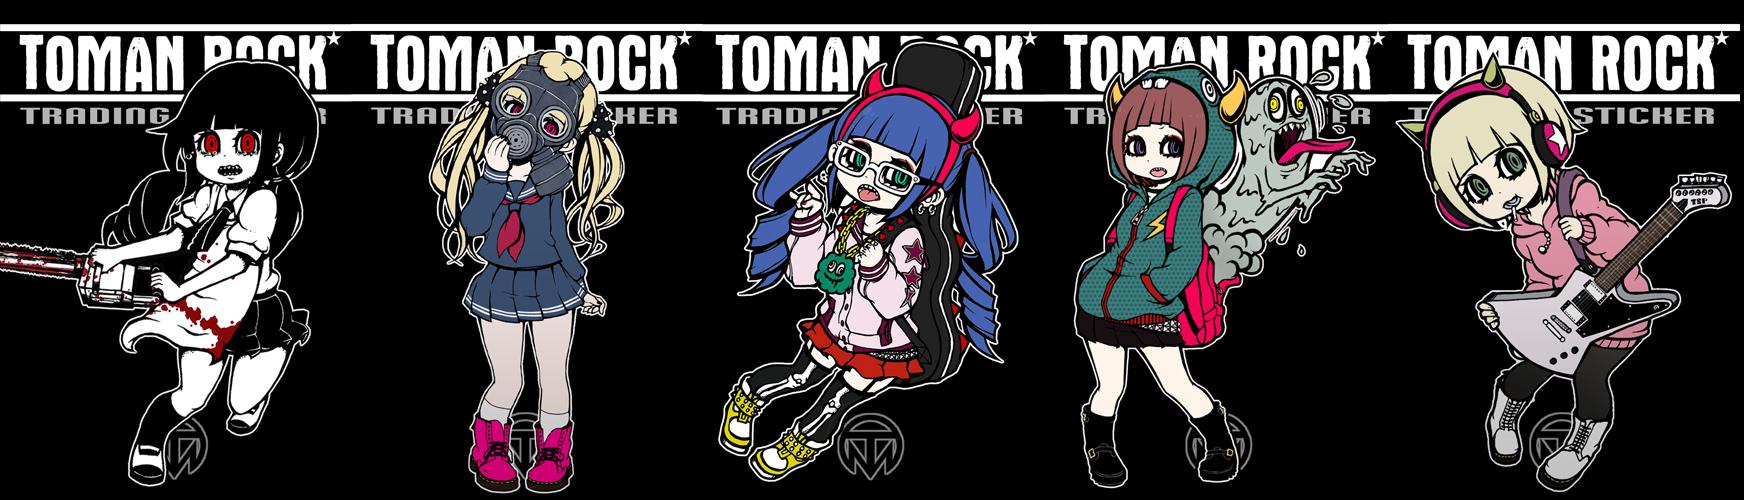 TOMAN★ROCK★STORE